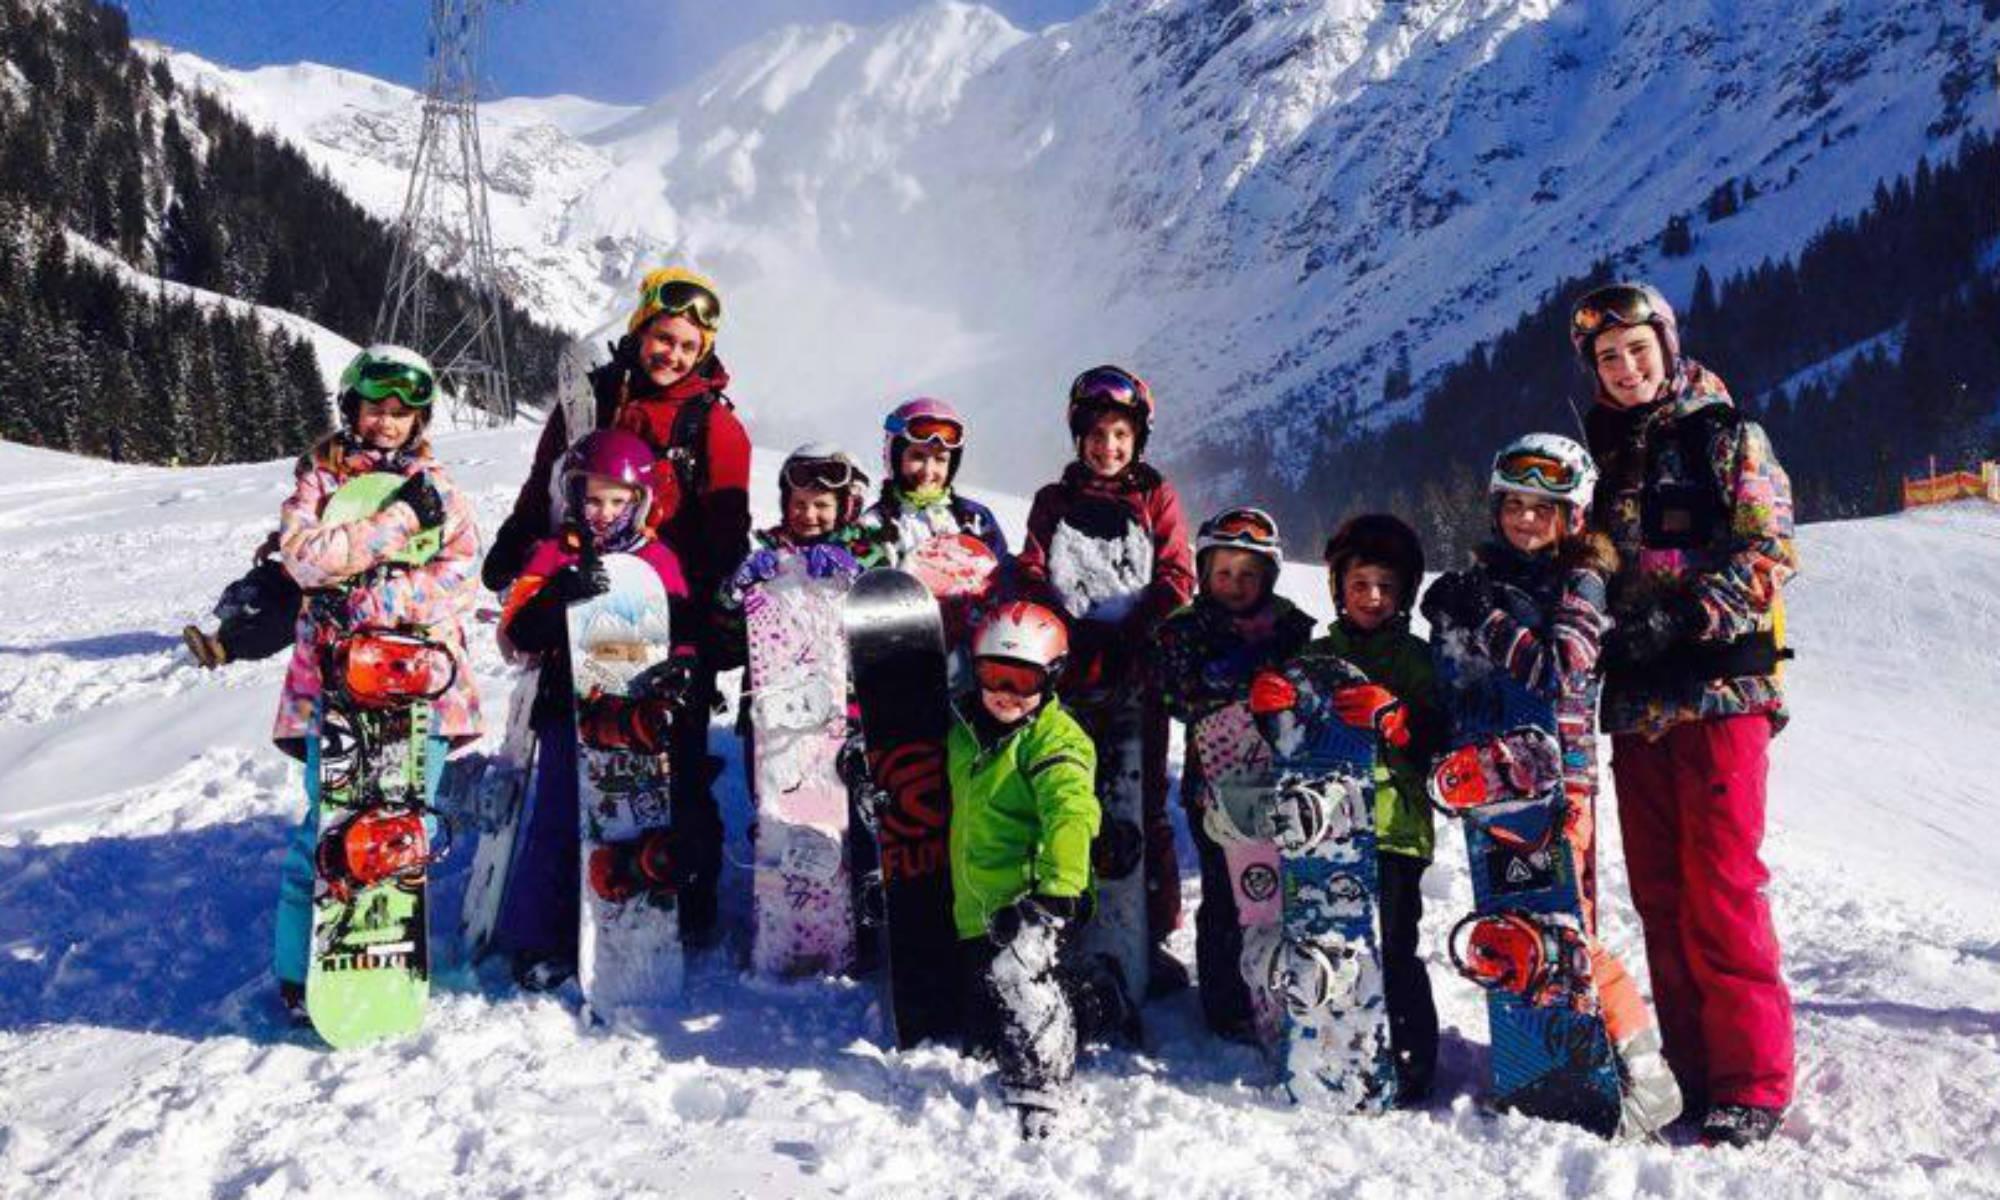 Eine Snowboardkurs-Gruppe der Out of Bounds snowboard school in Oberstdorf.